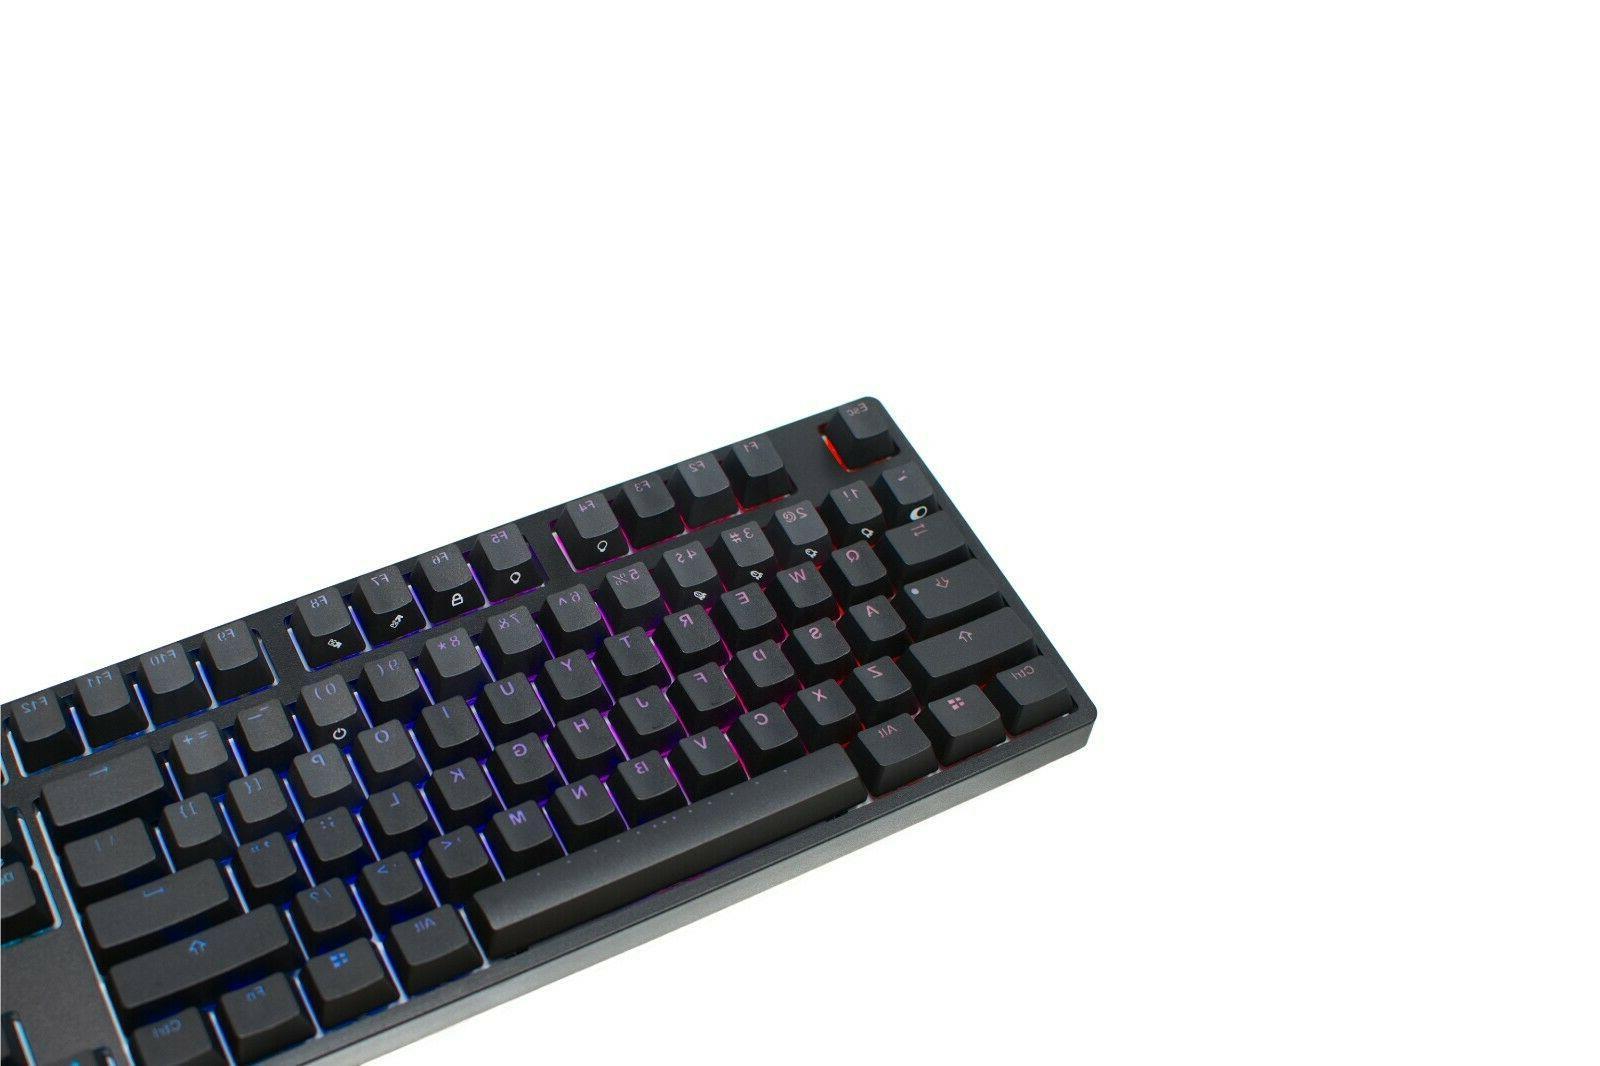 iKBC Backlit Mechanical Keyboard with Cherry Switch Tenkeyless